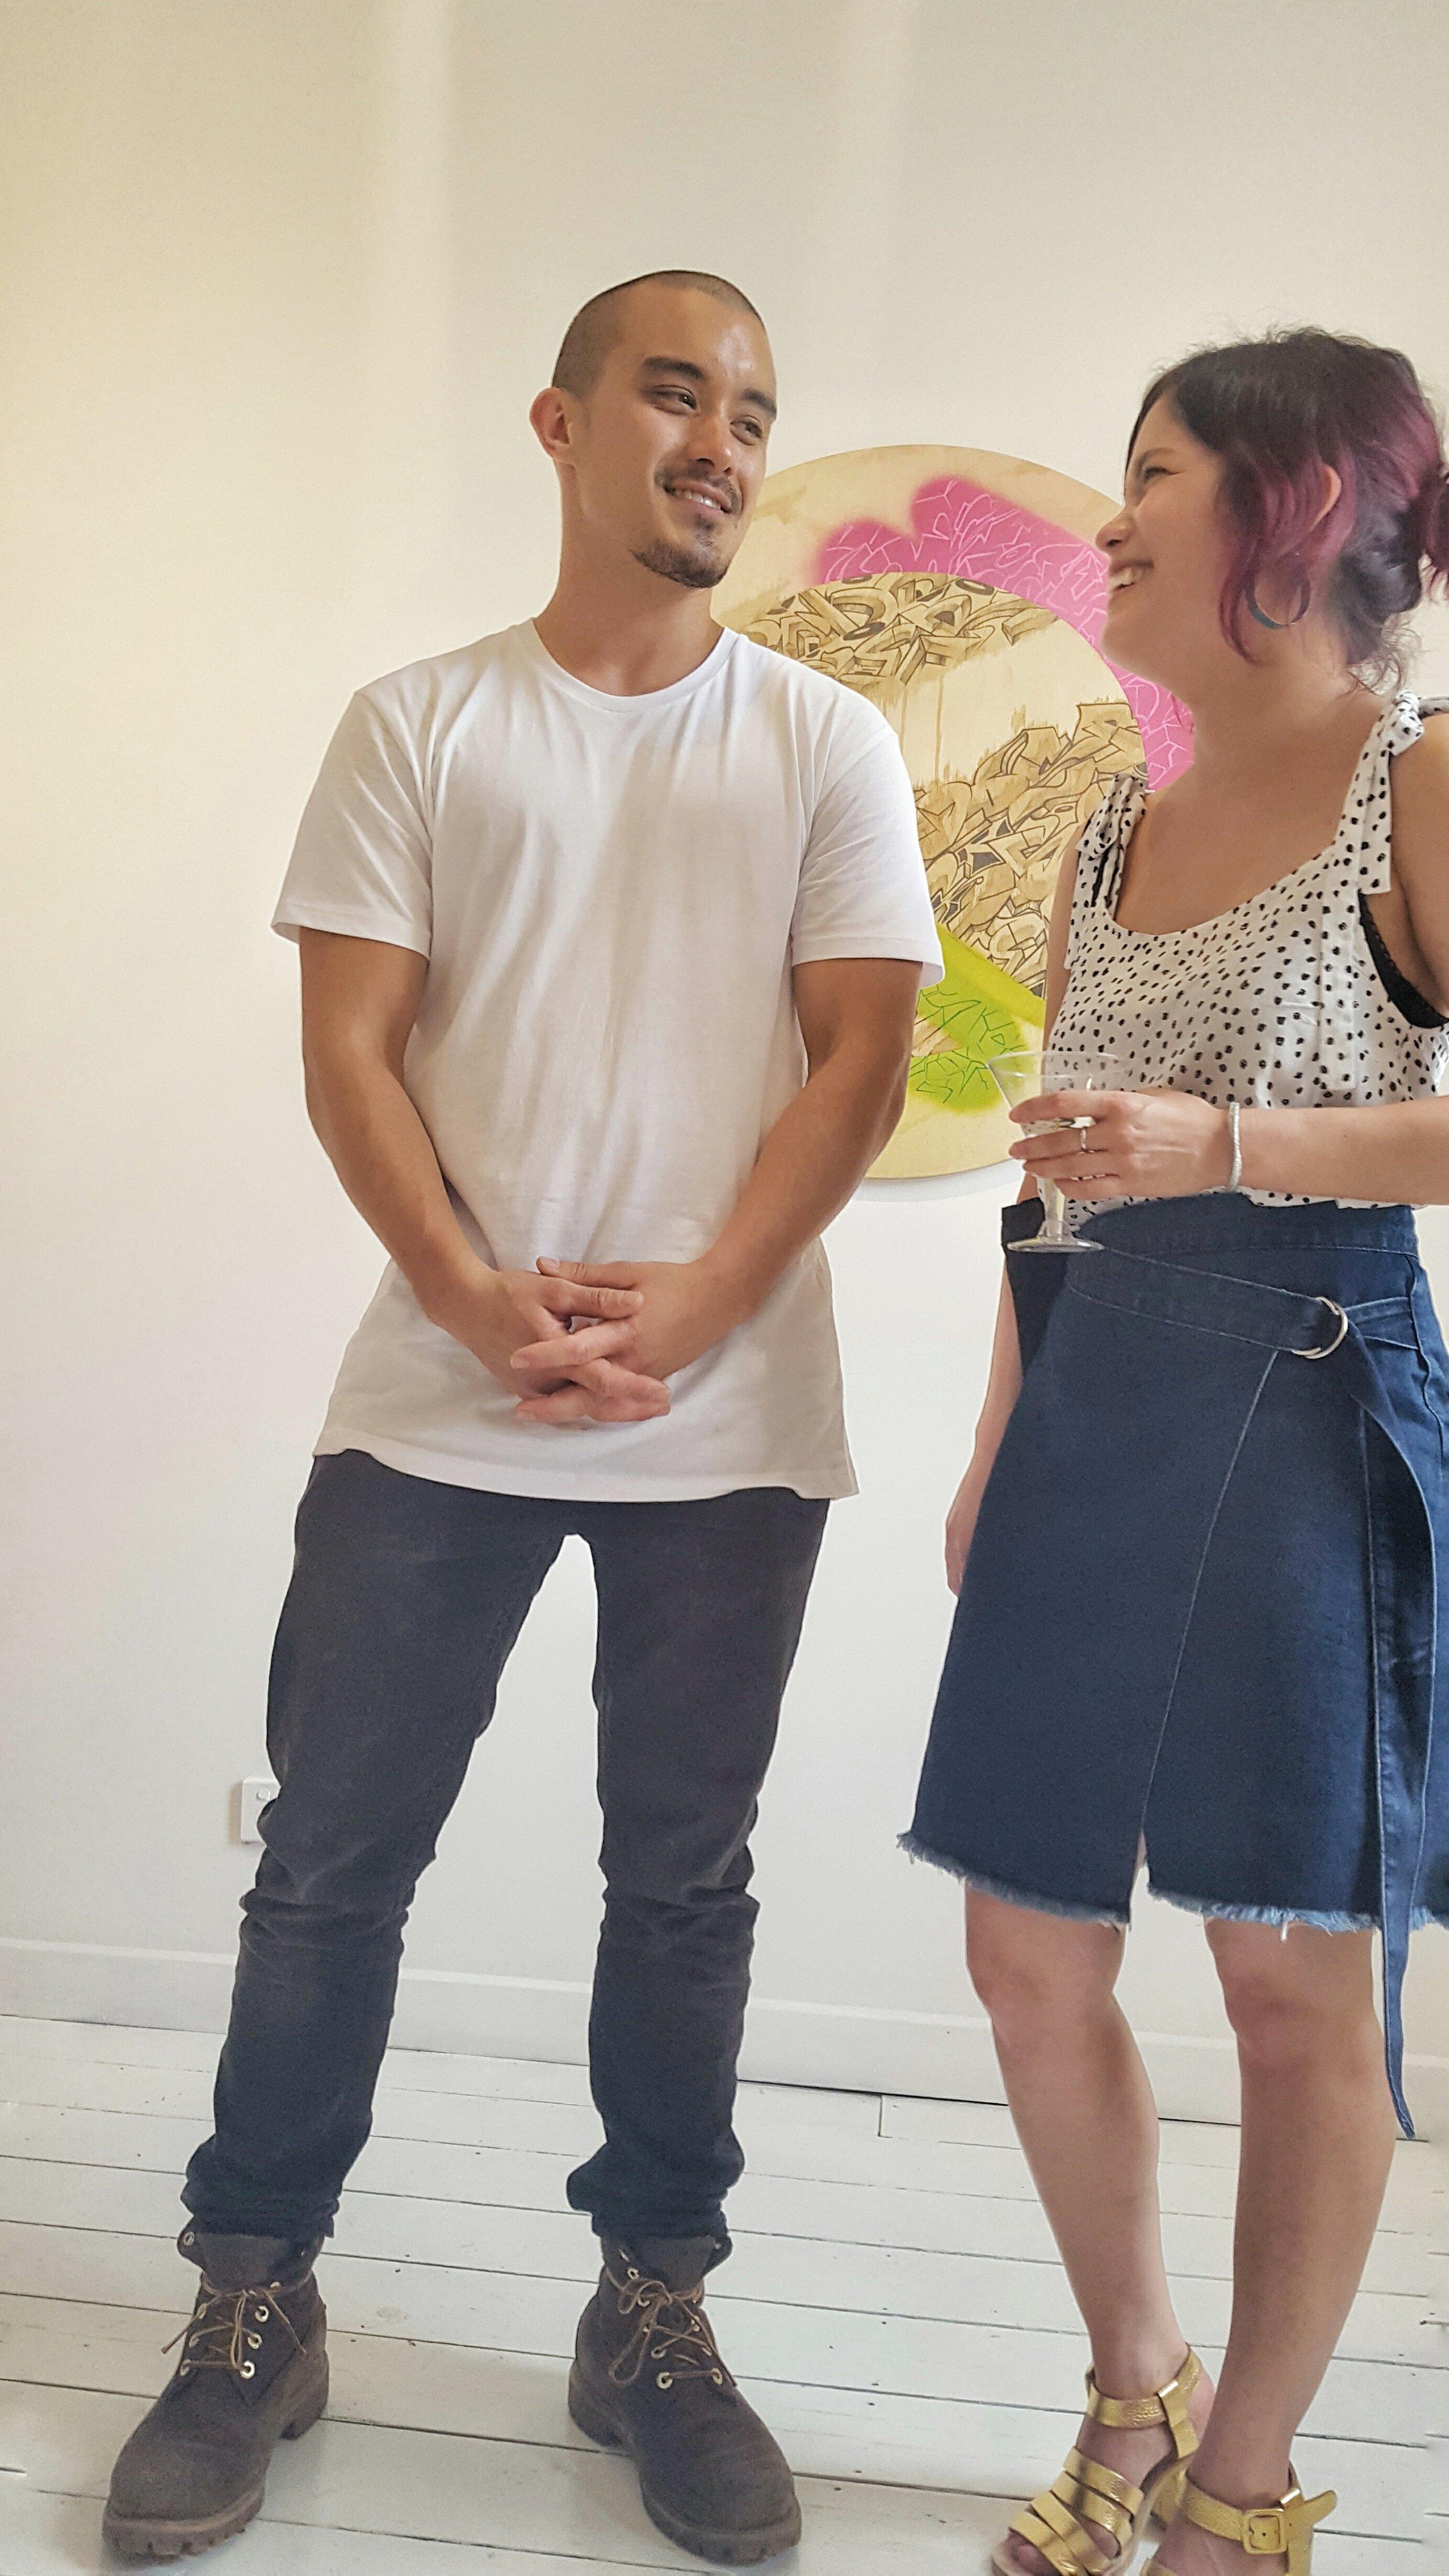 PANT Active Designers, siblings Brenton and Deborah Loh